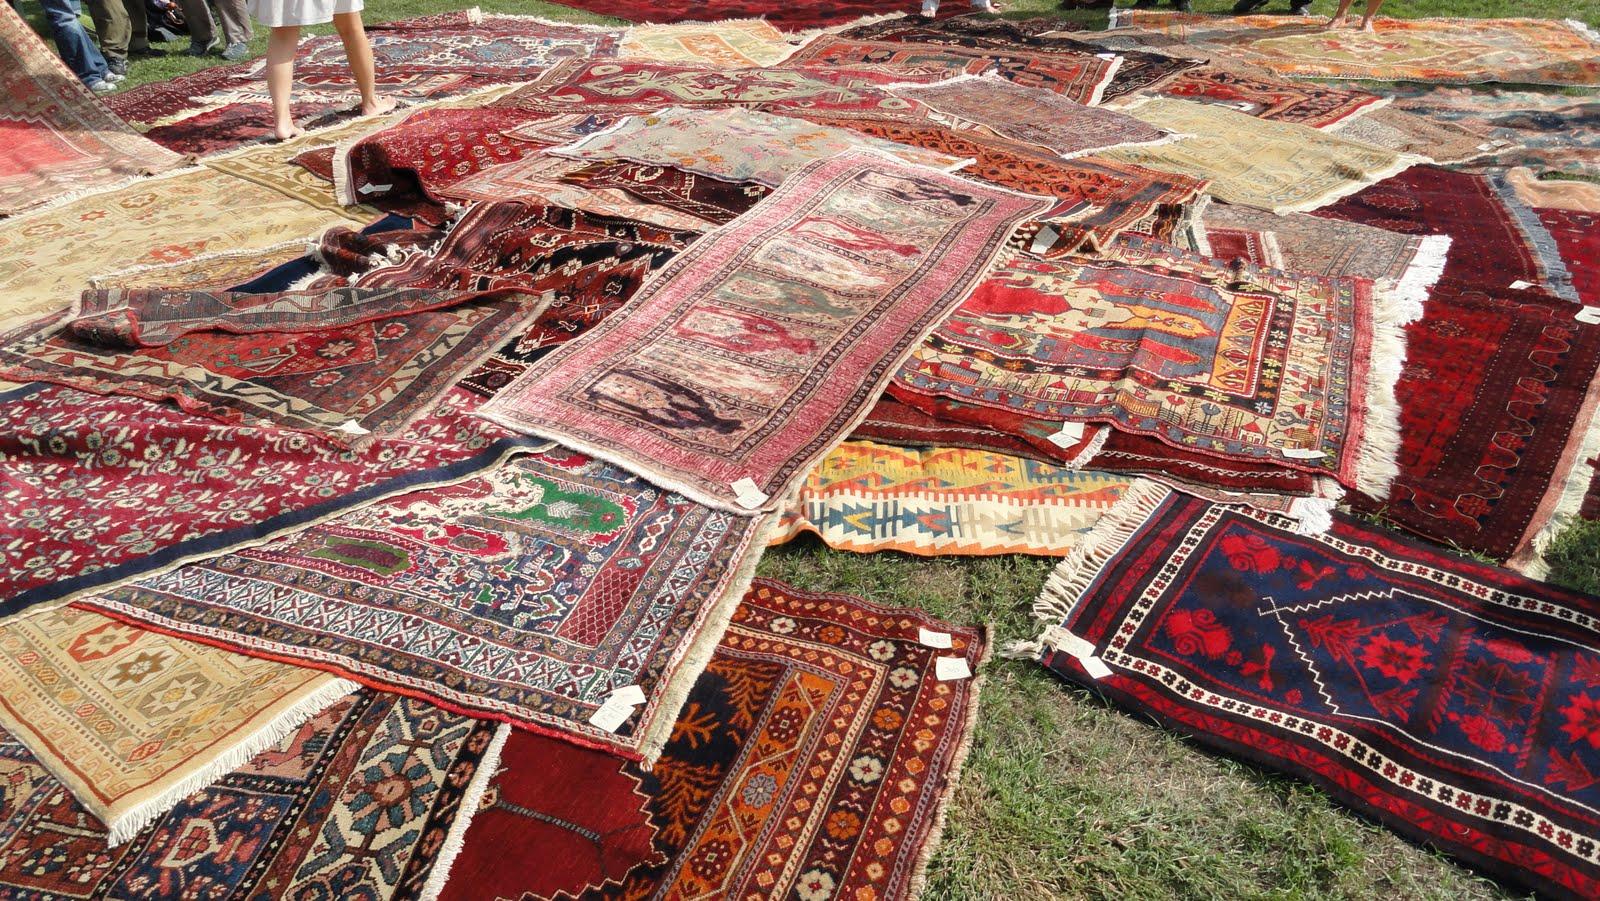 restauro tappeti persiani Parma